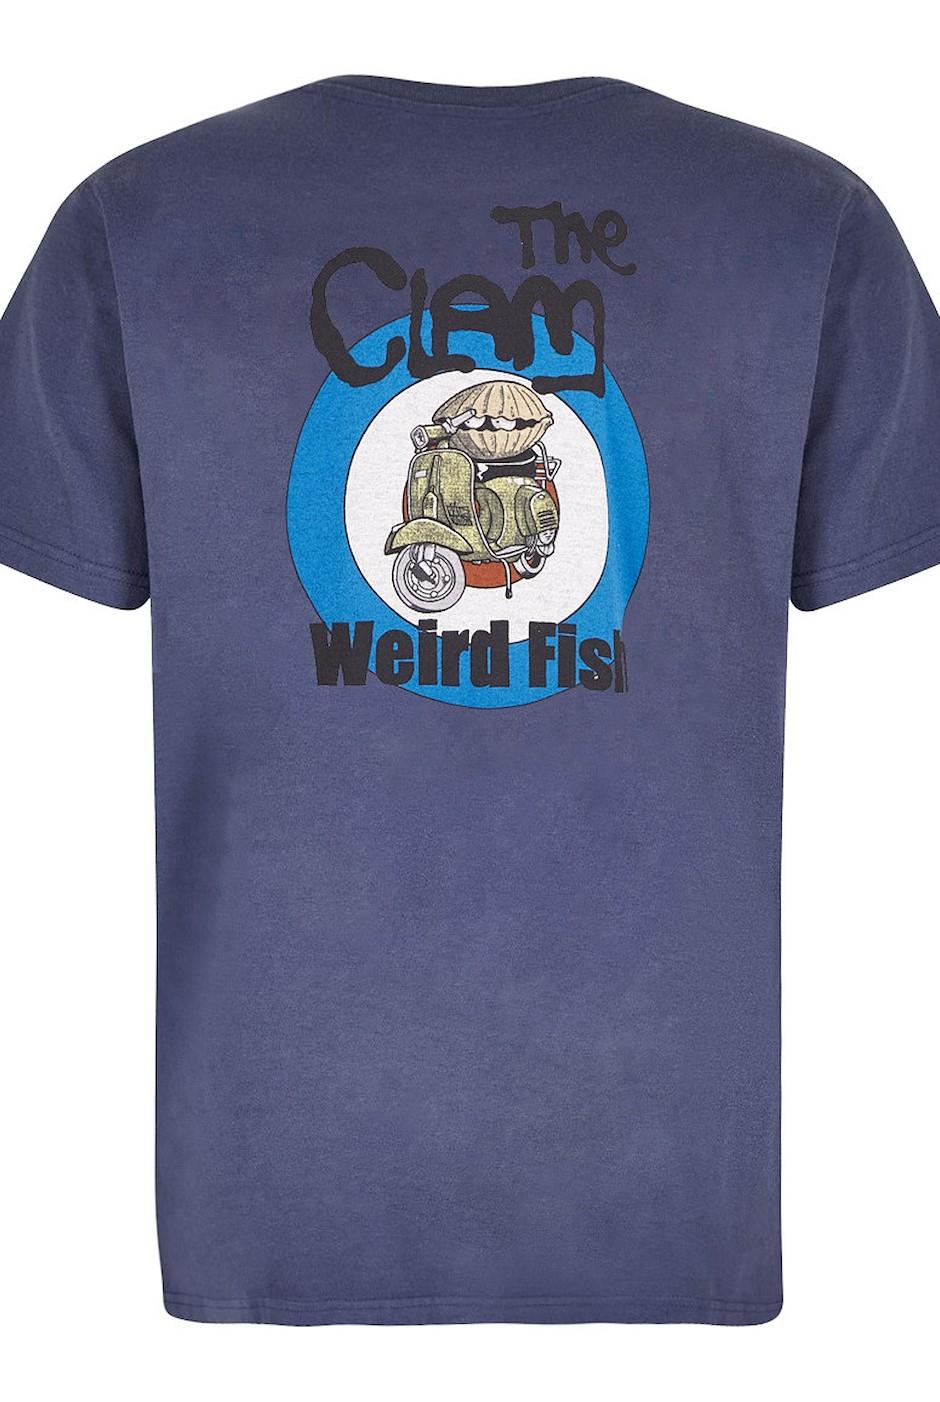 The Clam Artist T-Shirt Blue Indigo